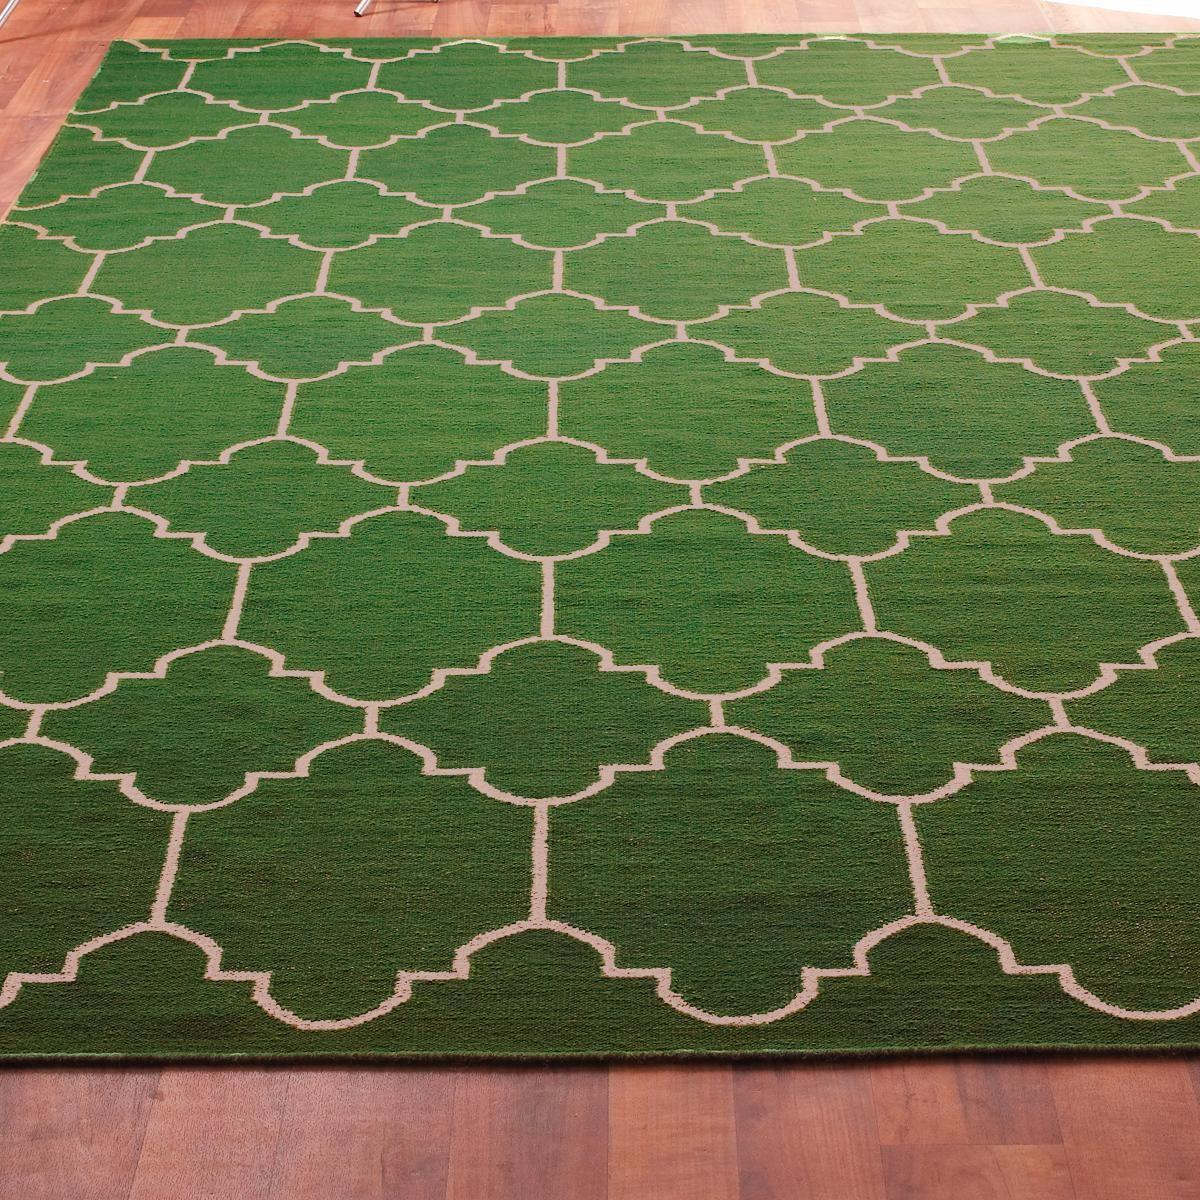 Moroccan Tile Dhurrie Rug Dhurrie Rugs Green Rug Emerald Green Rug